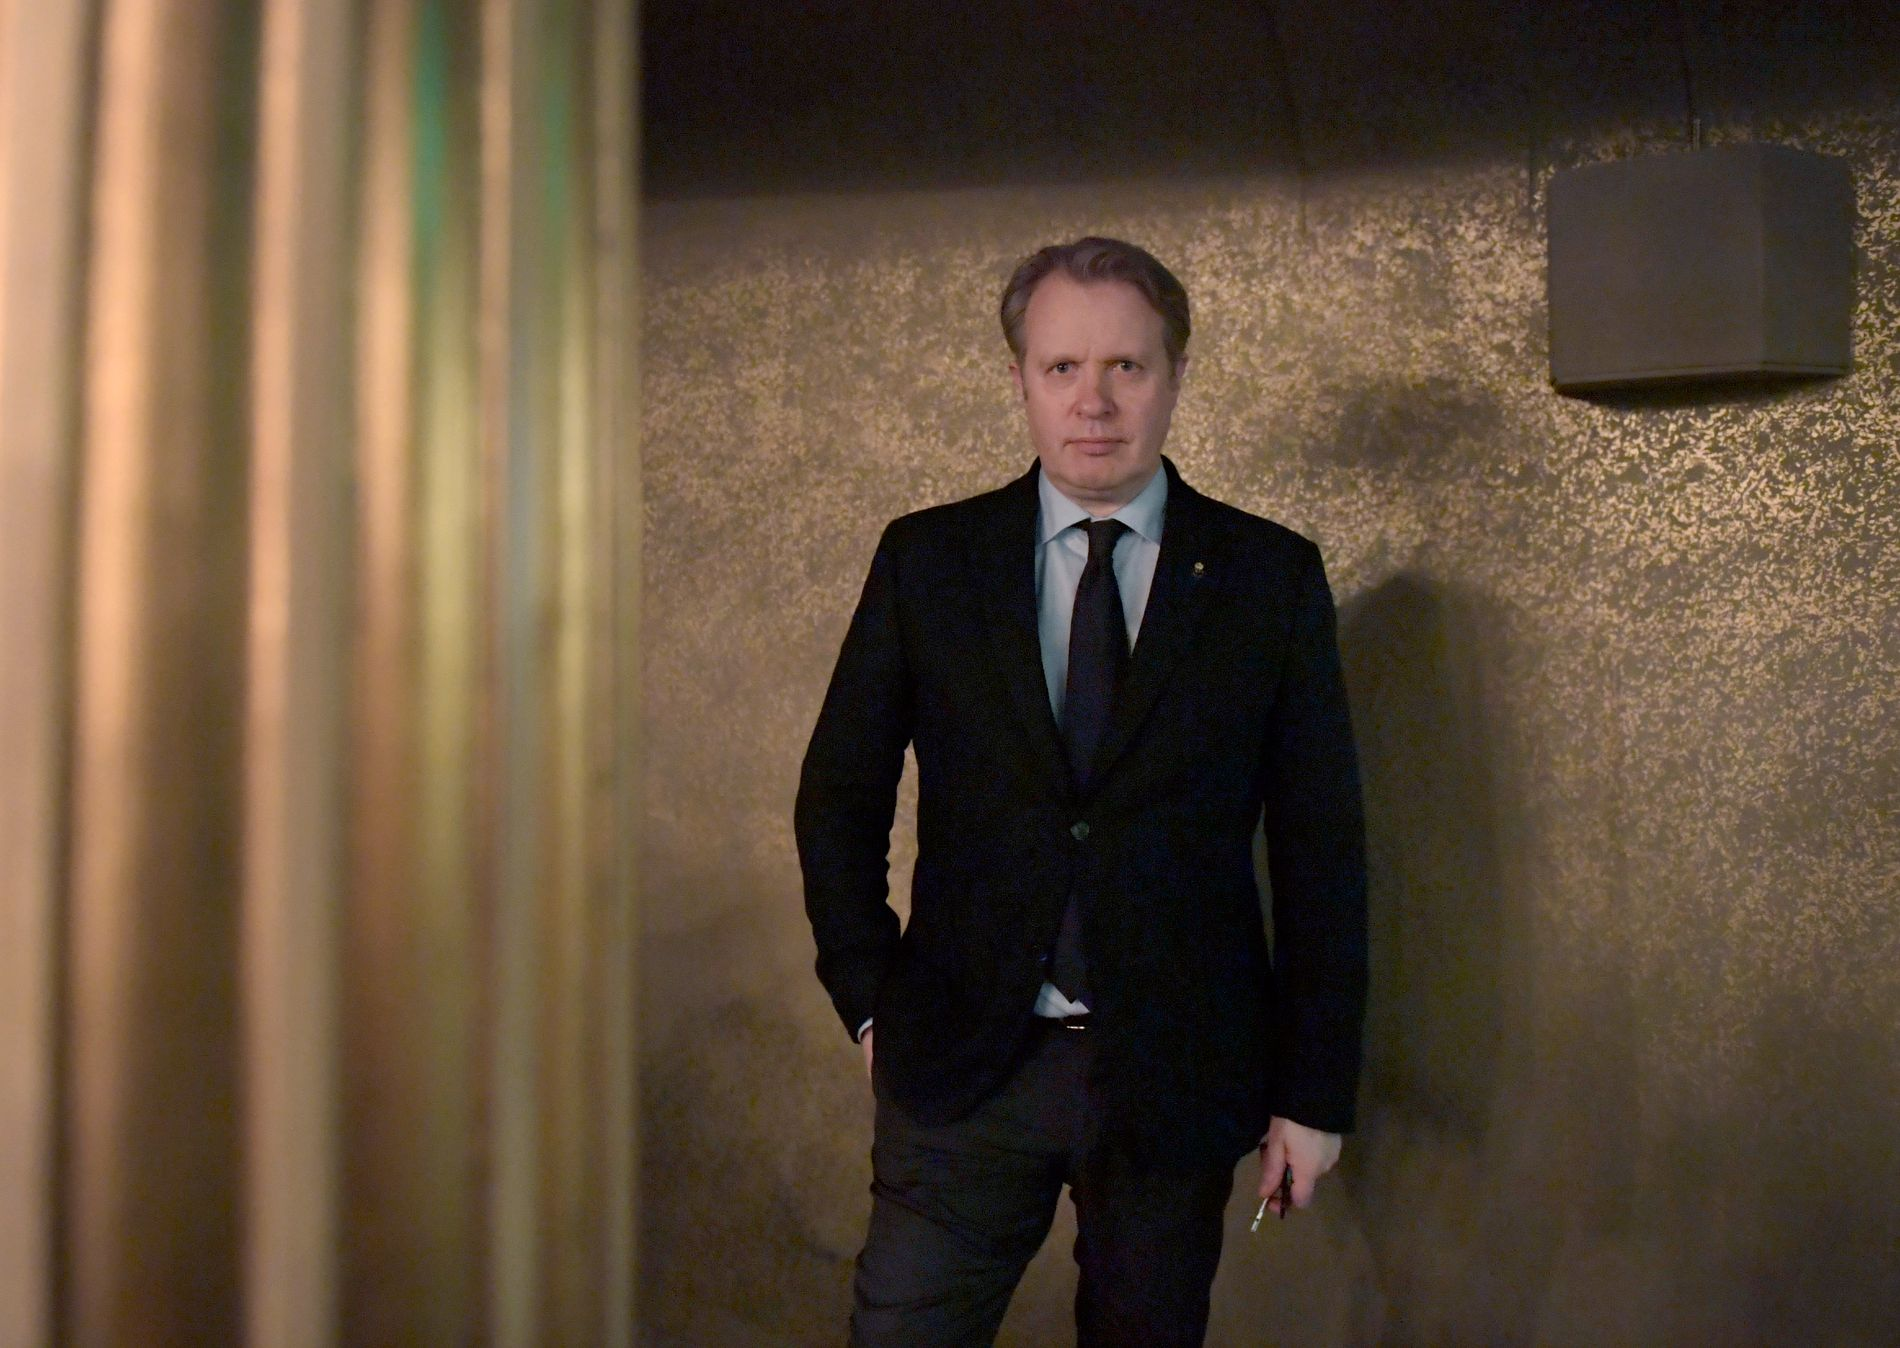 REAKSJON: Nordmannen Eirik Stubø sluttet mandag som teatersjef ved Sveriges nasjonalscene Dramaten. Det vekker sterke reaksjoner fra noen av Nordens fremste dramatikere.